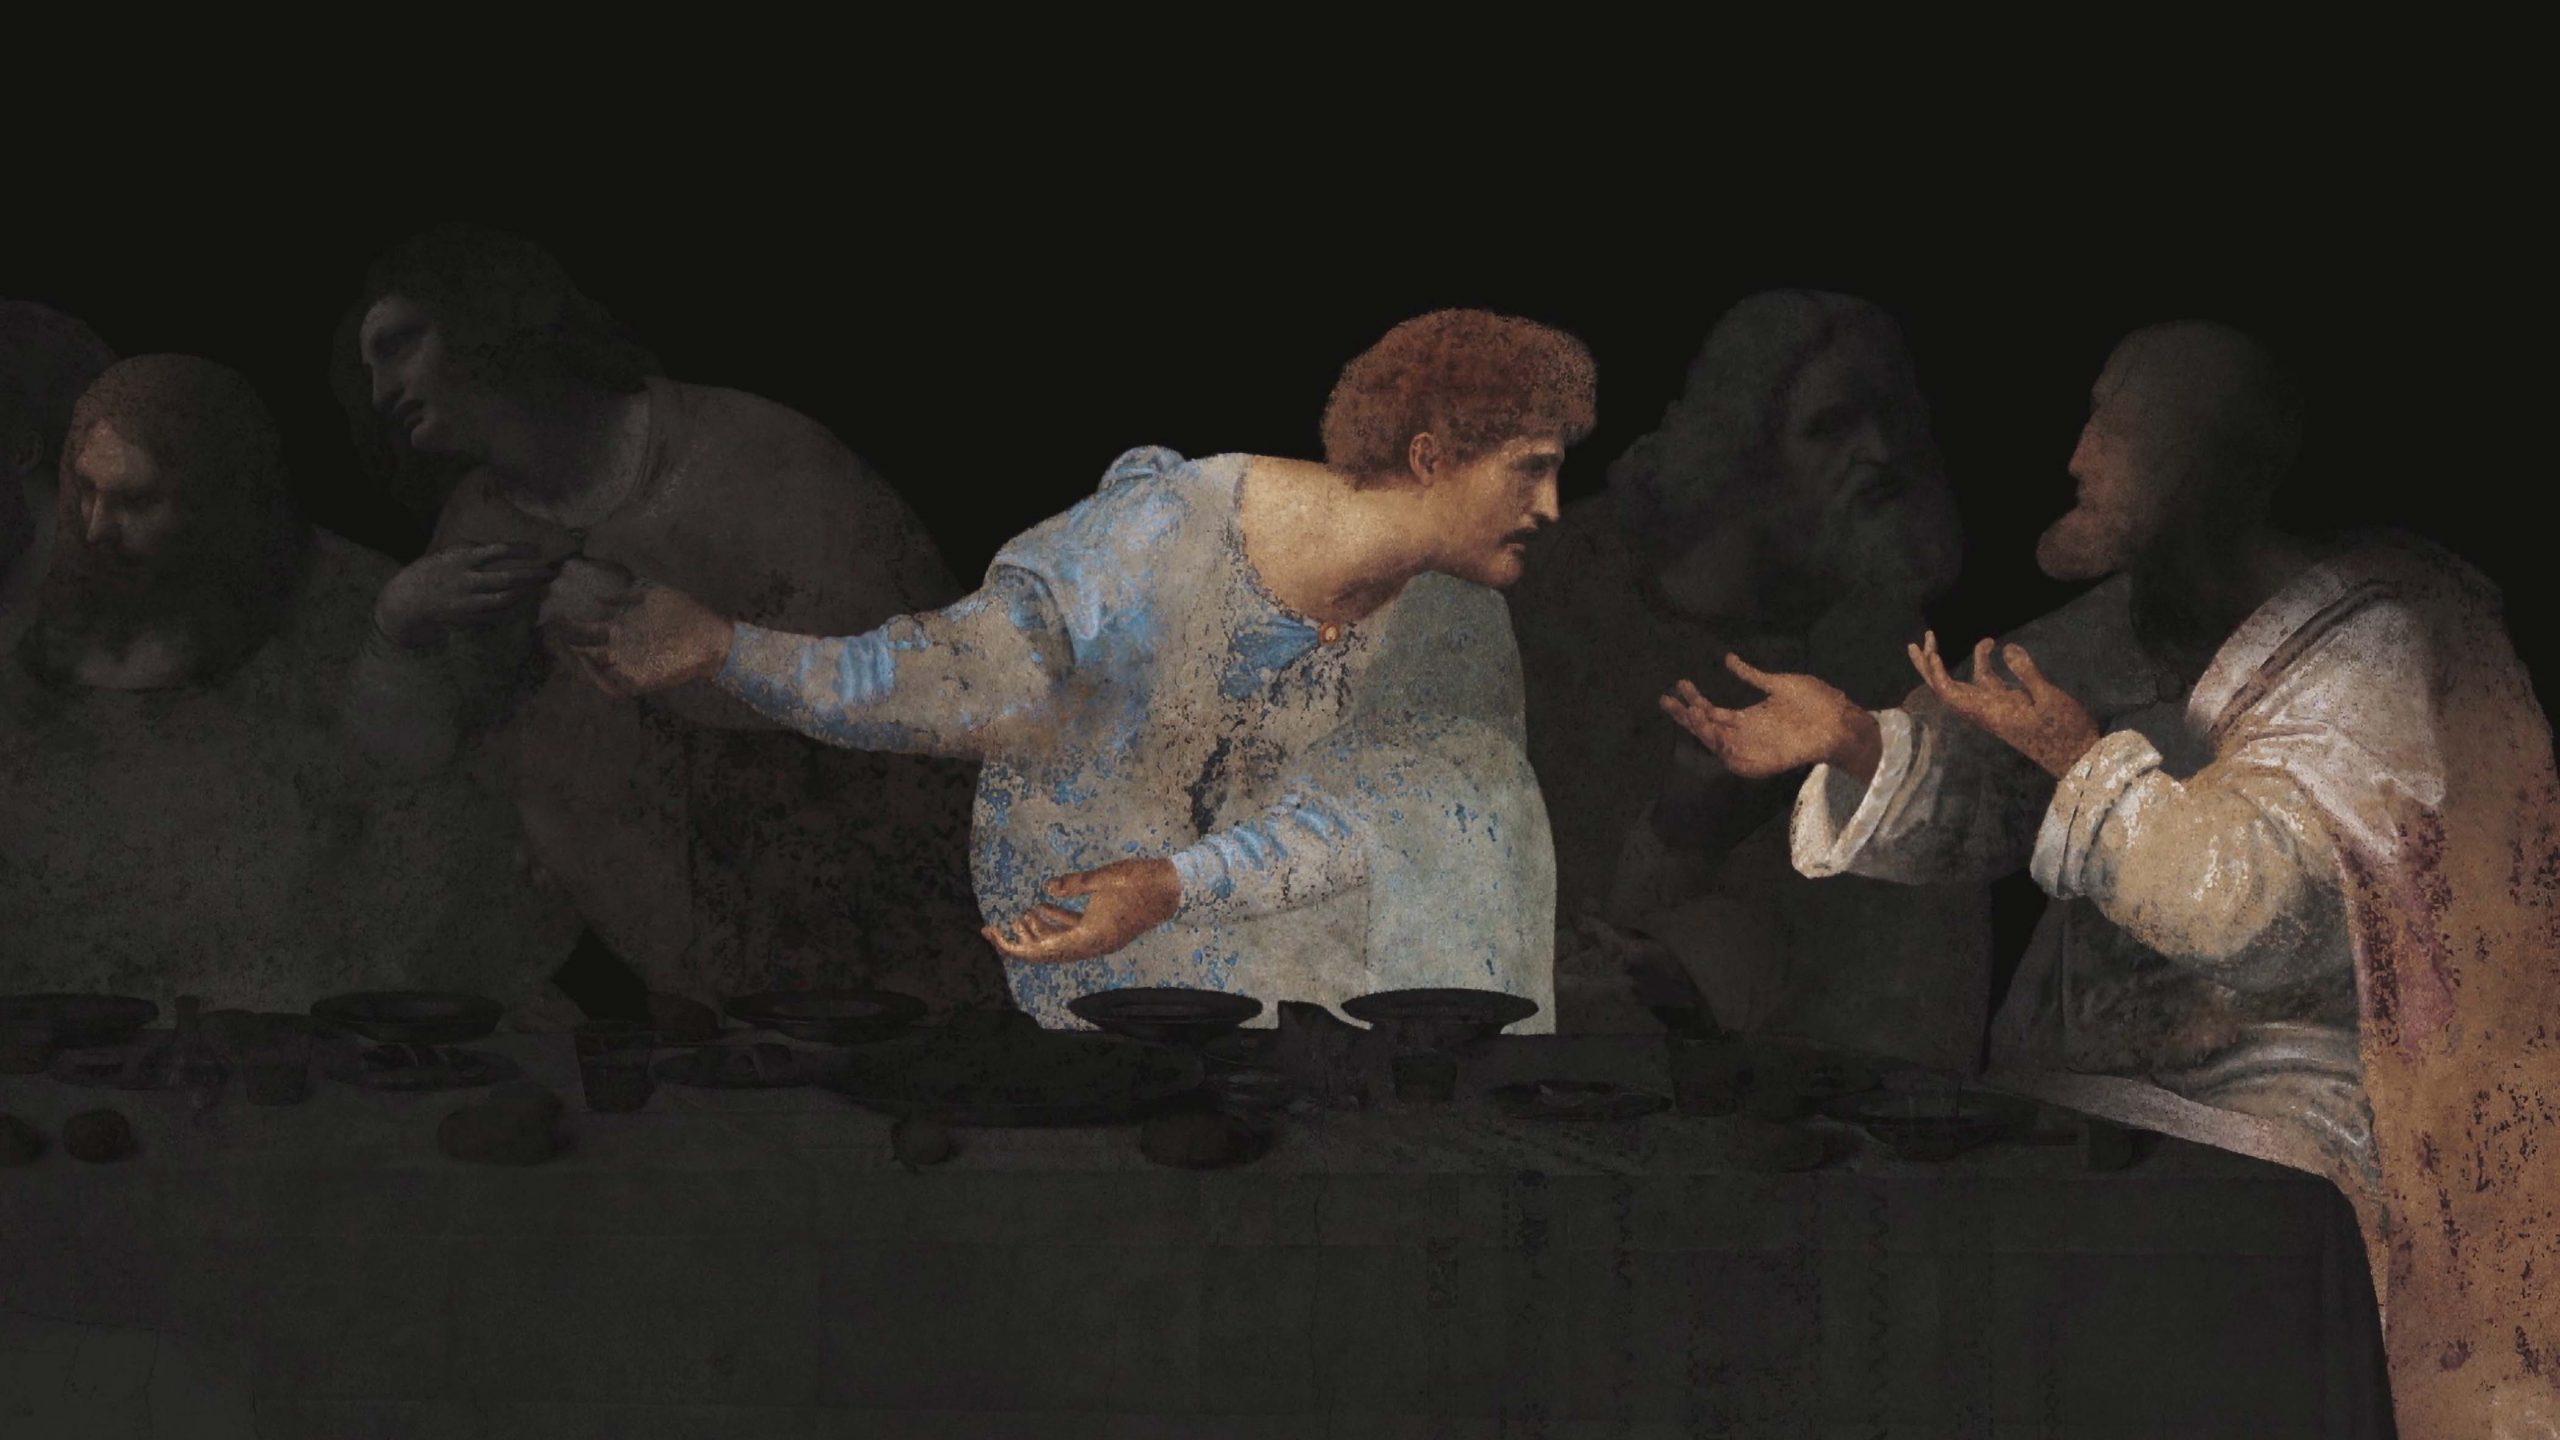 The Last Supper Alive, Rino Stefano Tagliafierro| Itália